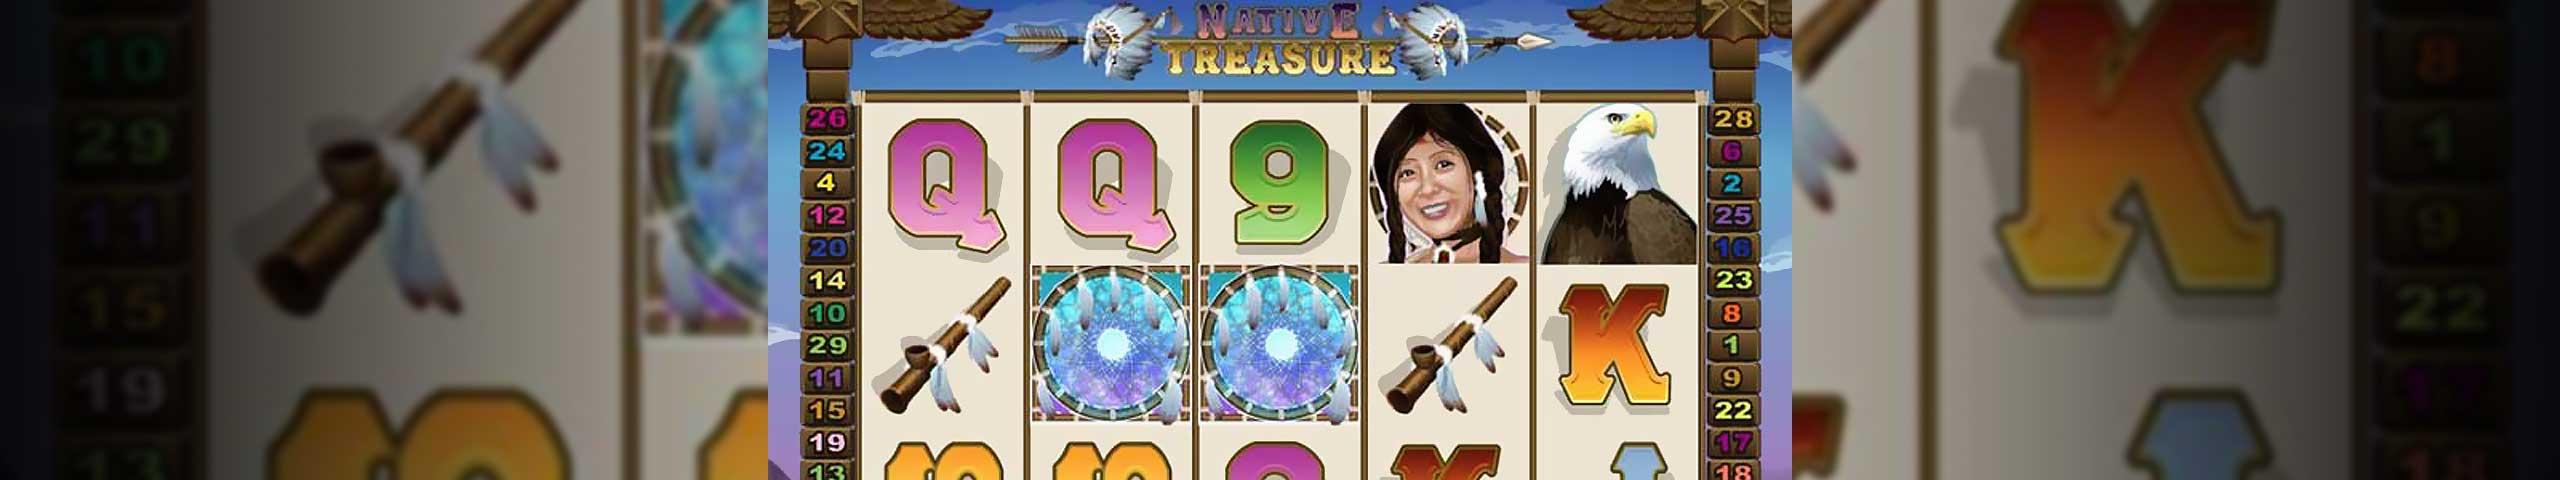 Norske spilleautomater Native Treasure, Cryptologic Slider - Himmelspill.com